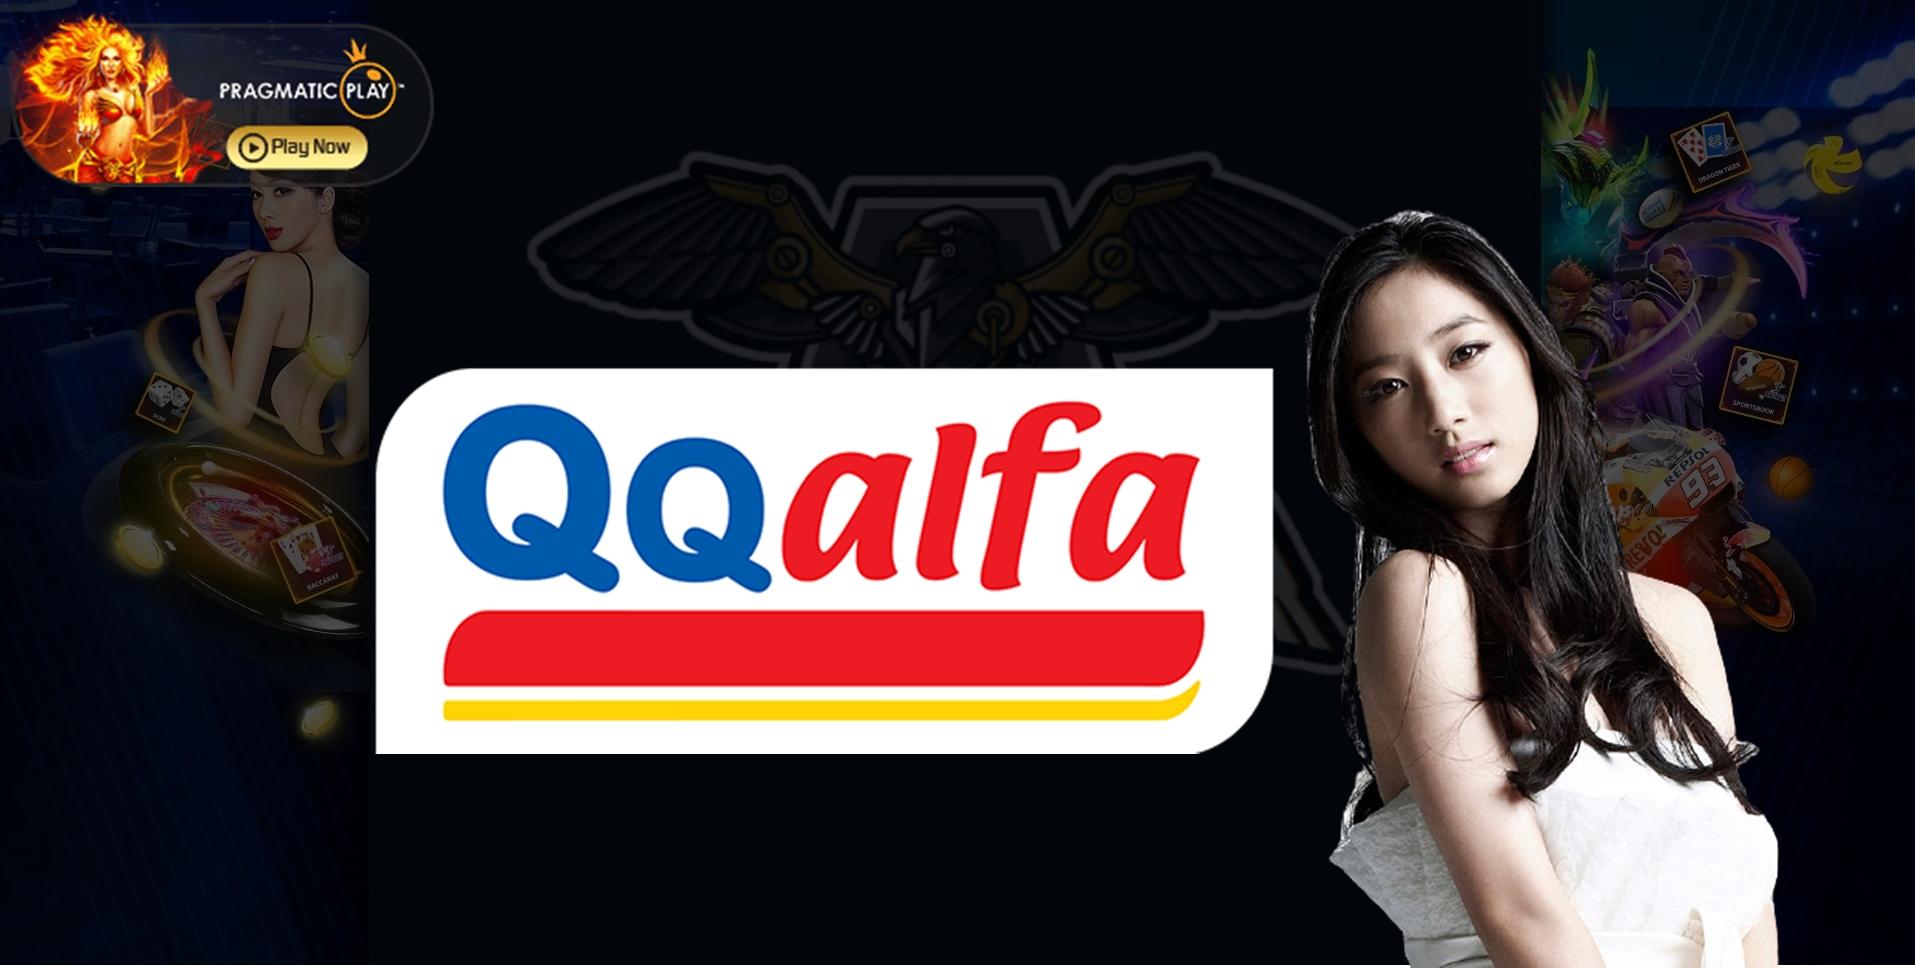 QQalfa Slot Online Bersama Agen Yang Sudah Sangat Terpercaya